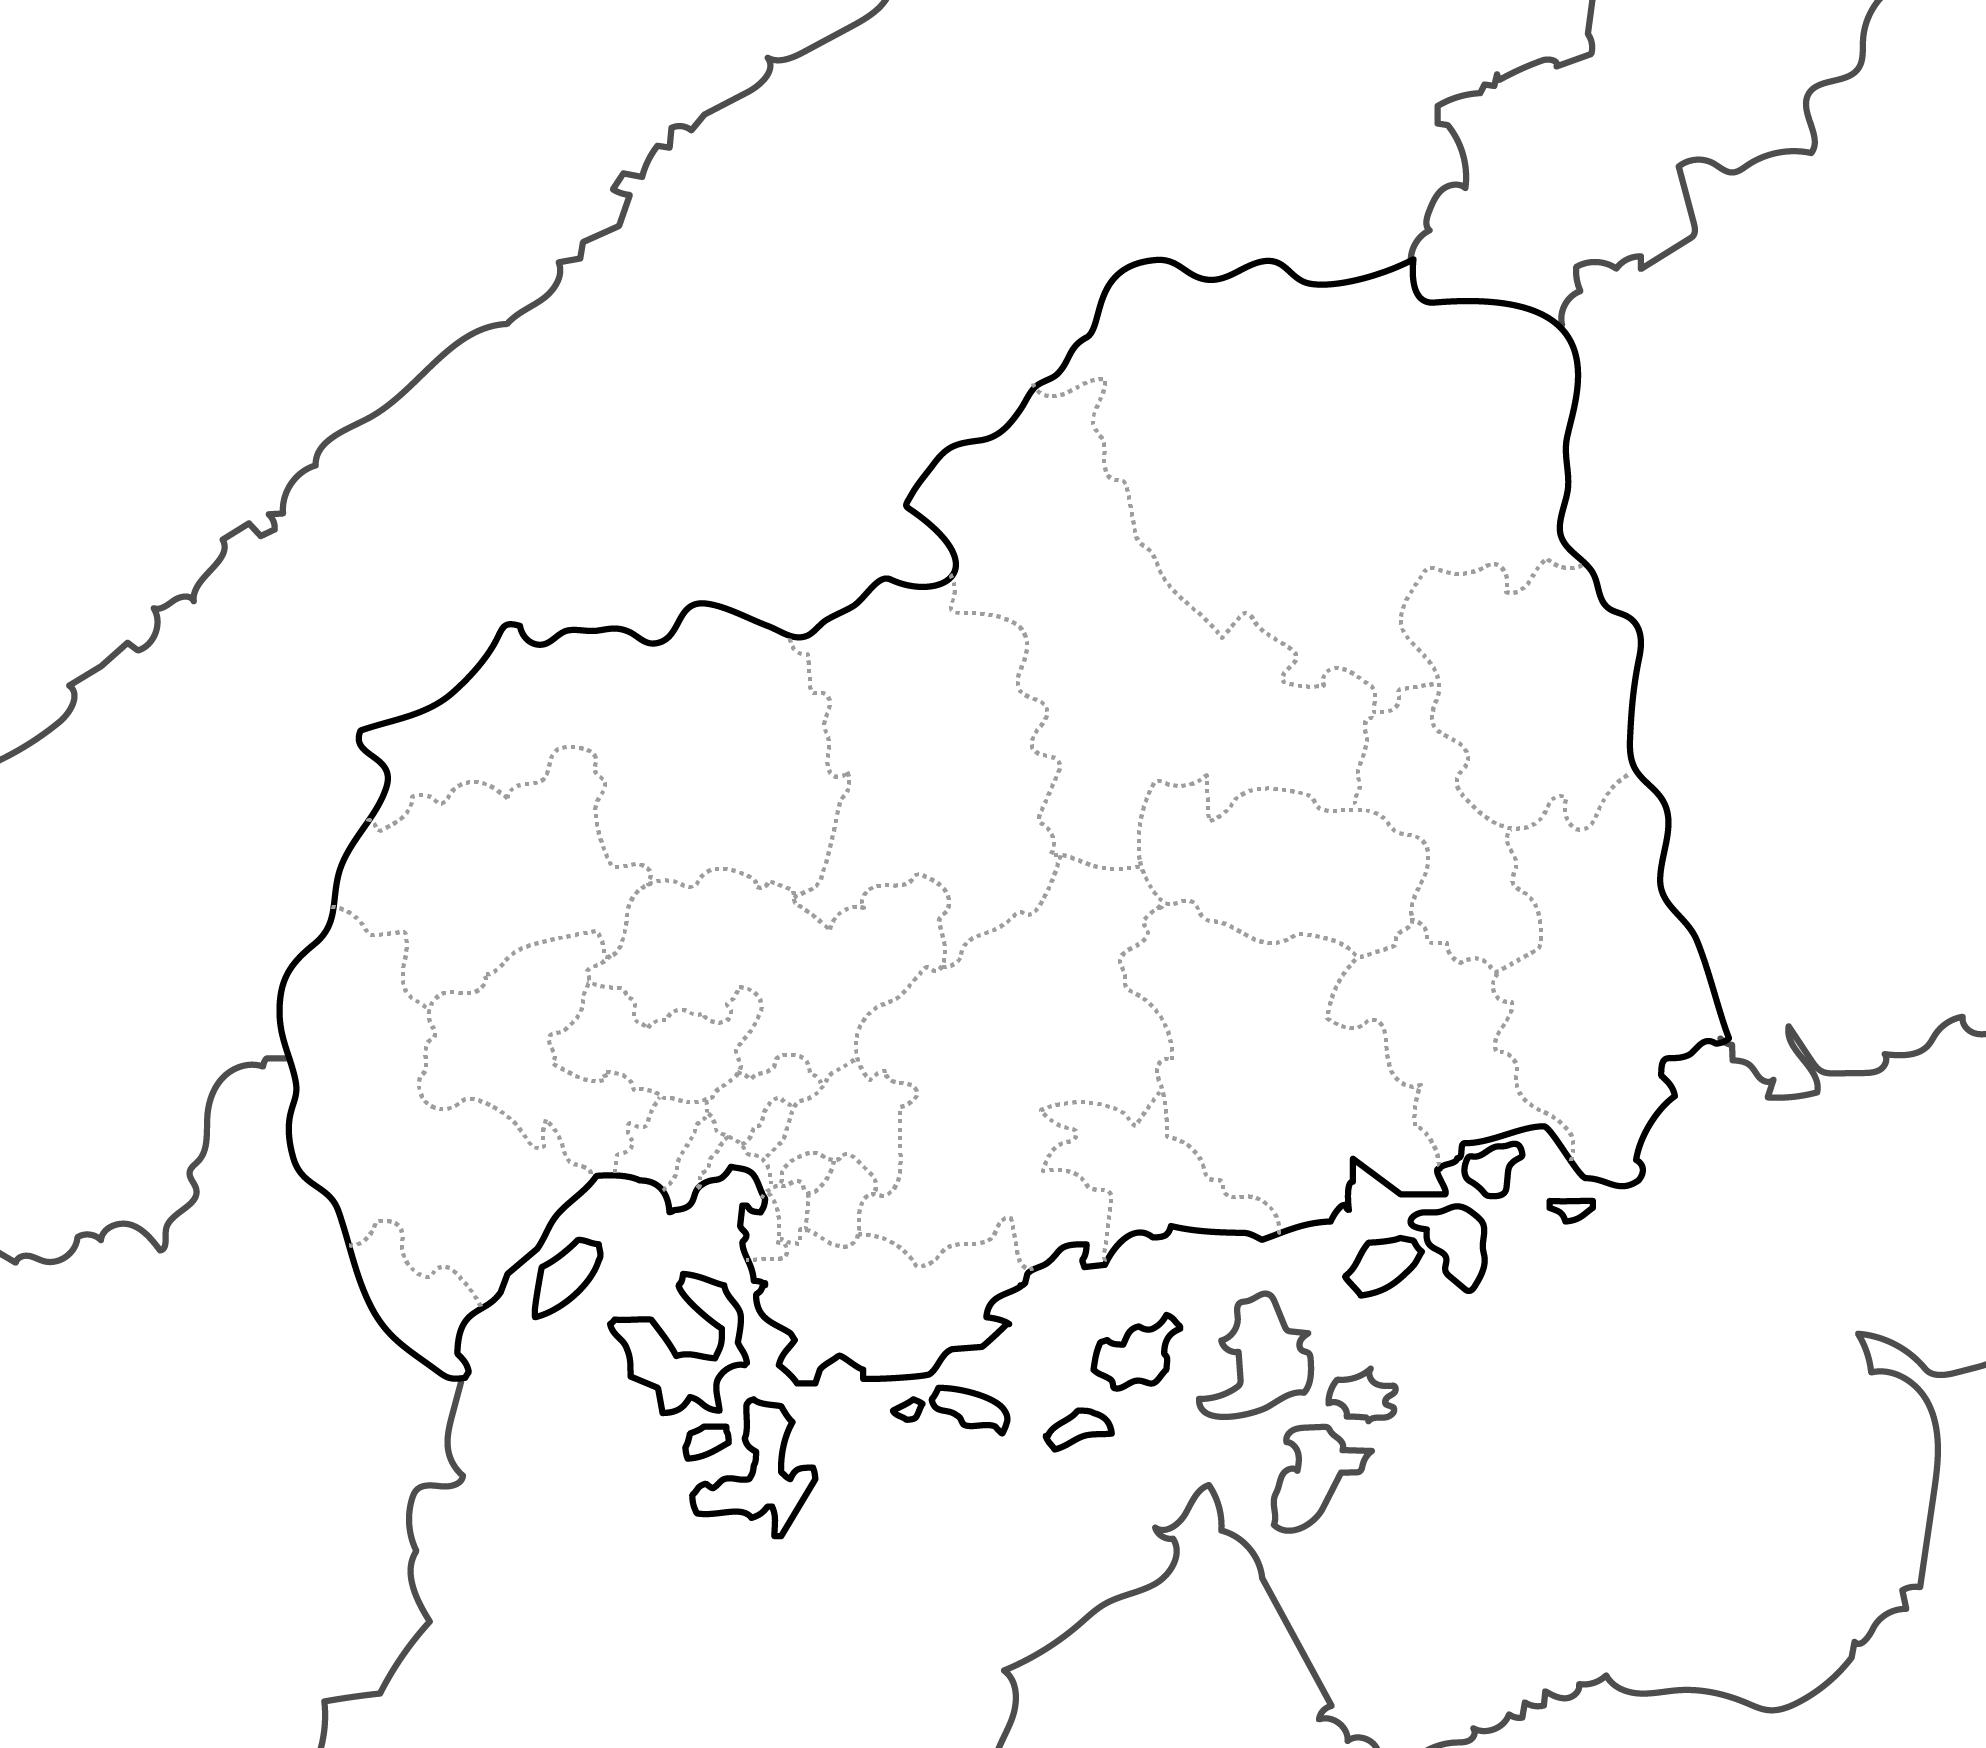 [白地図]広島県・ラインあり・市区町村名なし・隣県なし